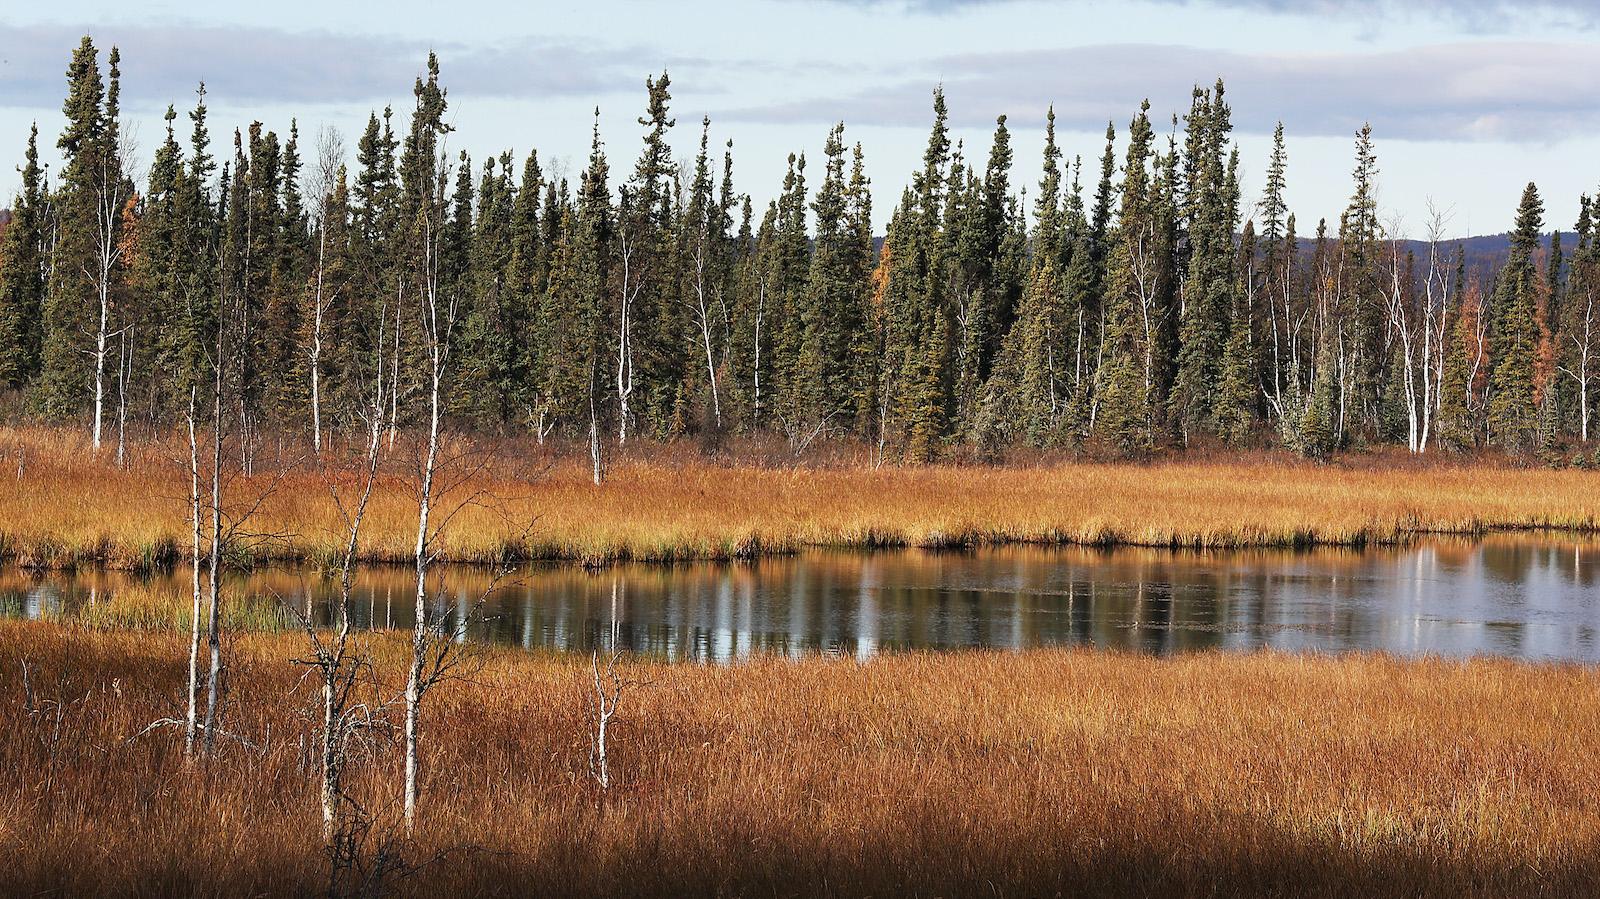 Trans Alaska Pipeline Serves As Main Artery For Alaska's North Slope Oil Fields